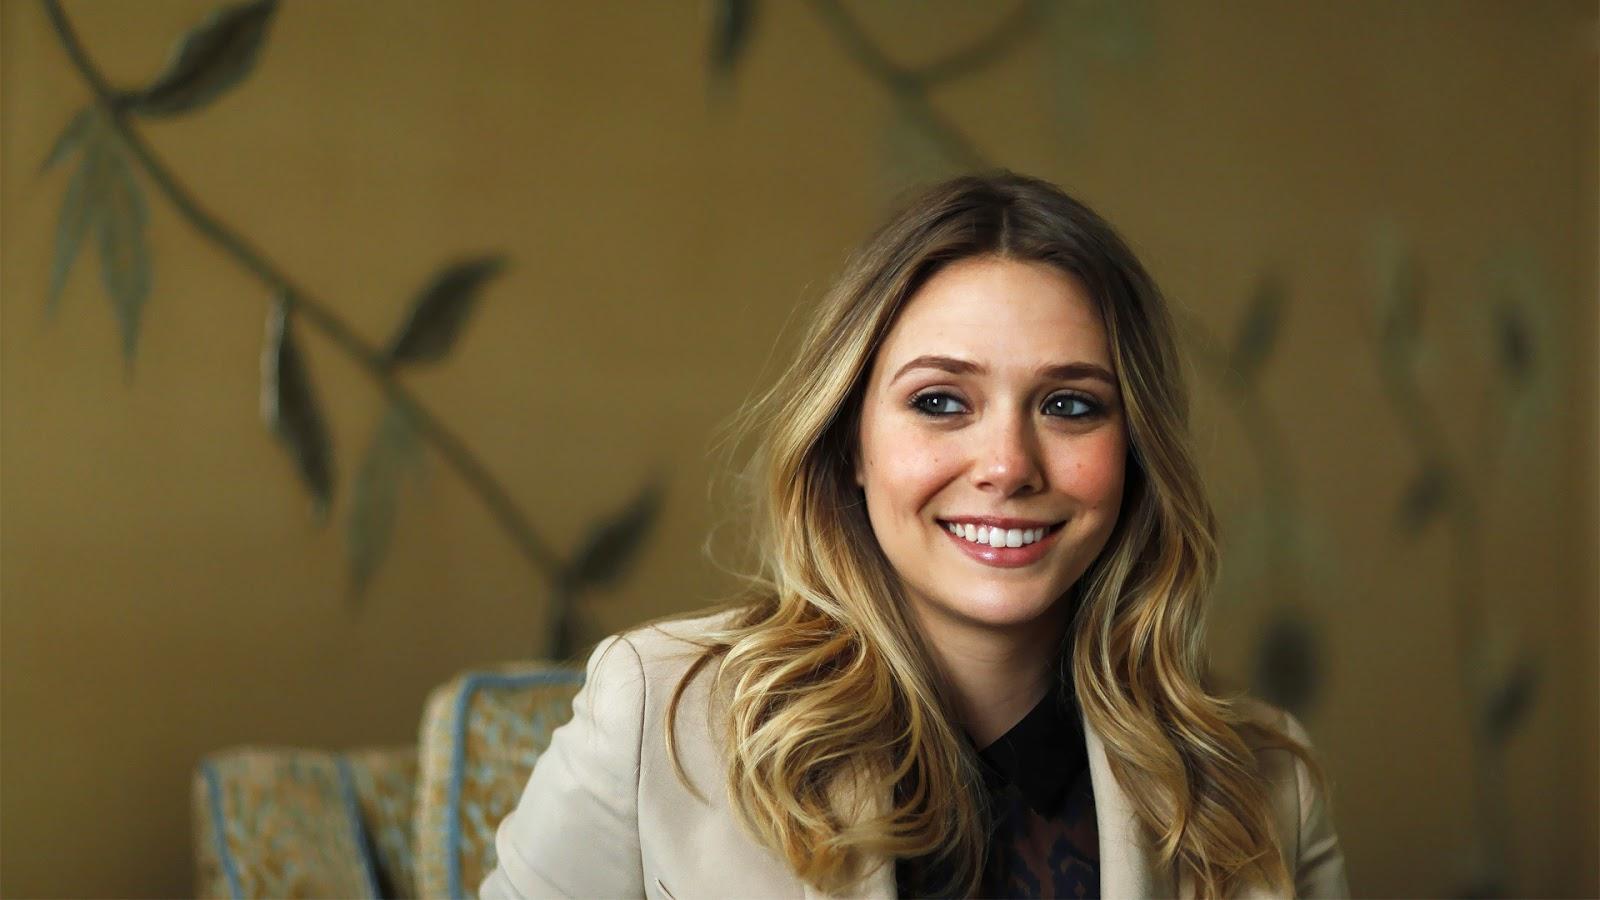 Elizabeth Oslen HD Wallpapers